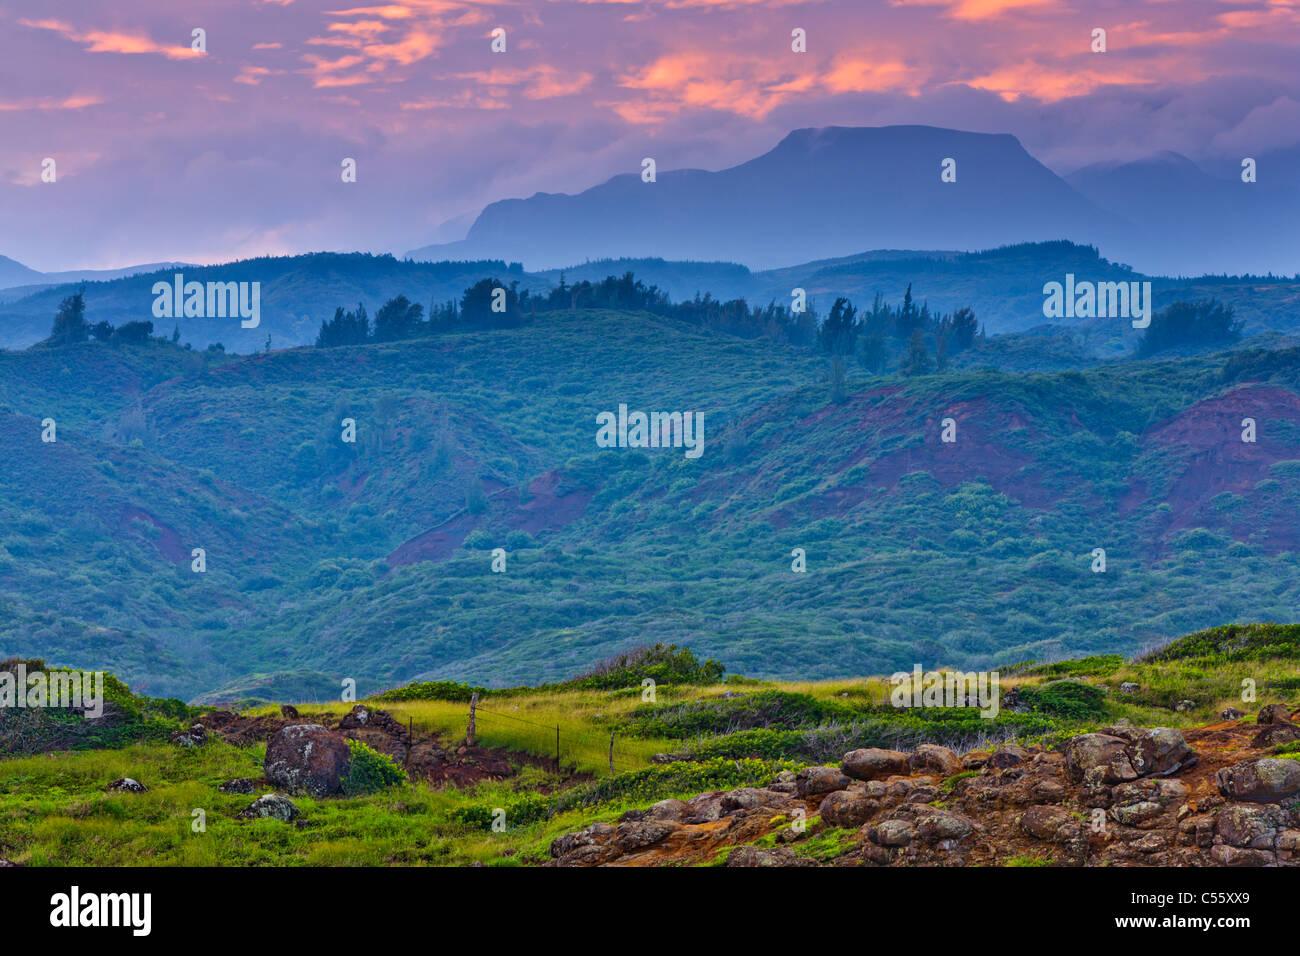 Pascolo con le montagne sullo sfondo, Haleakala, punto Hawea, Maui, Hawaii, STATI UNITI D'AMERICA Immagini Stock